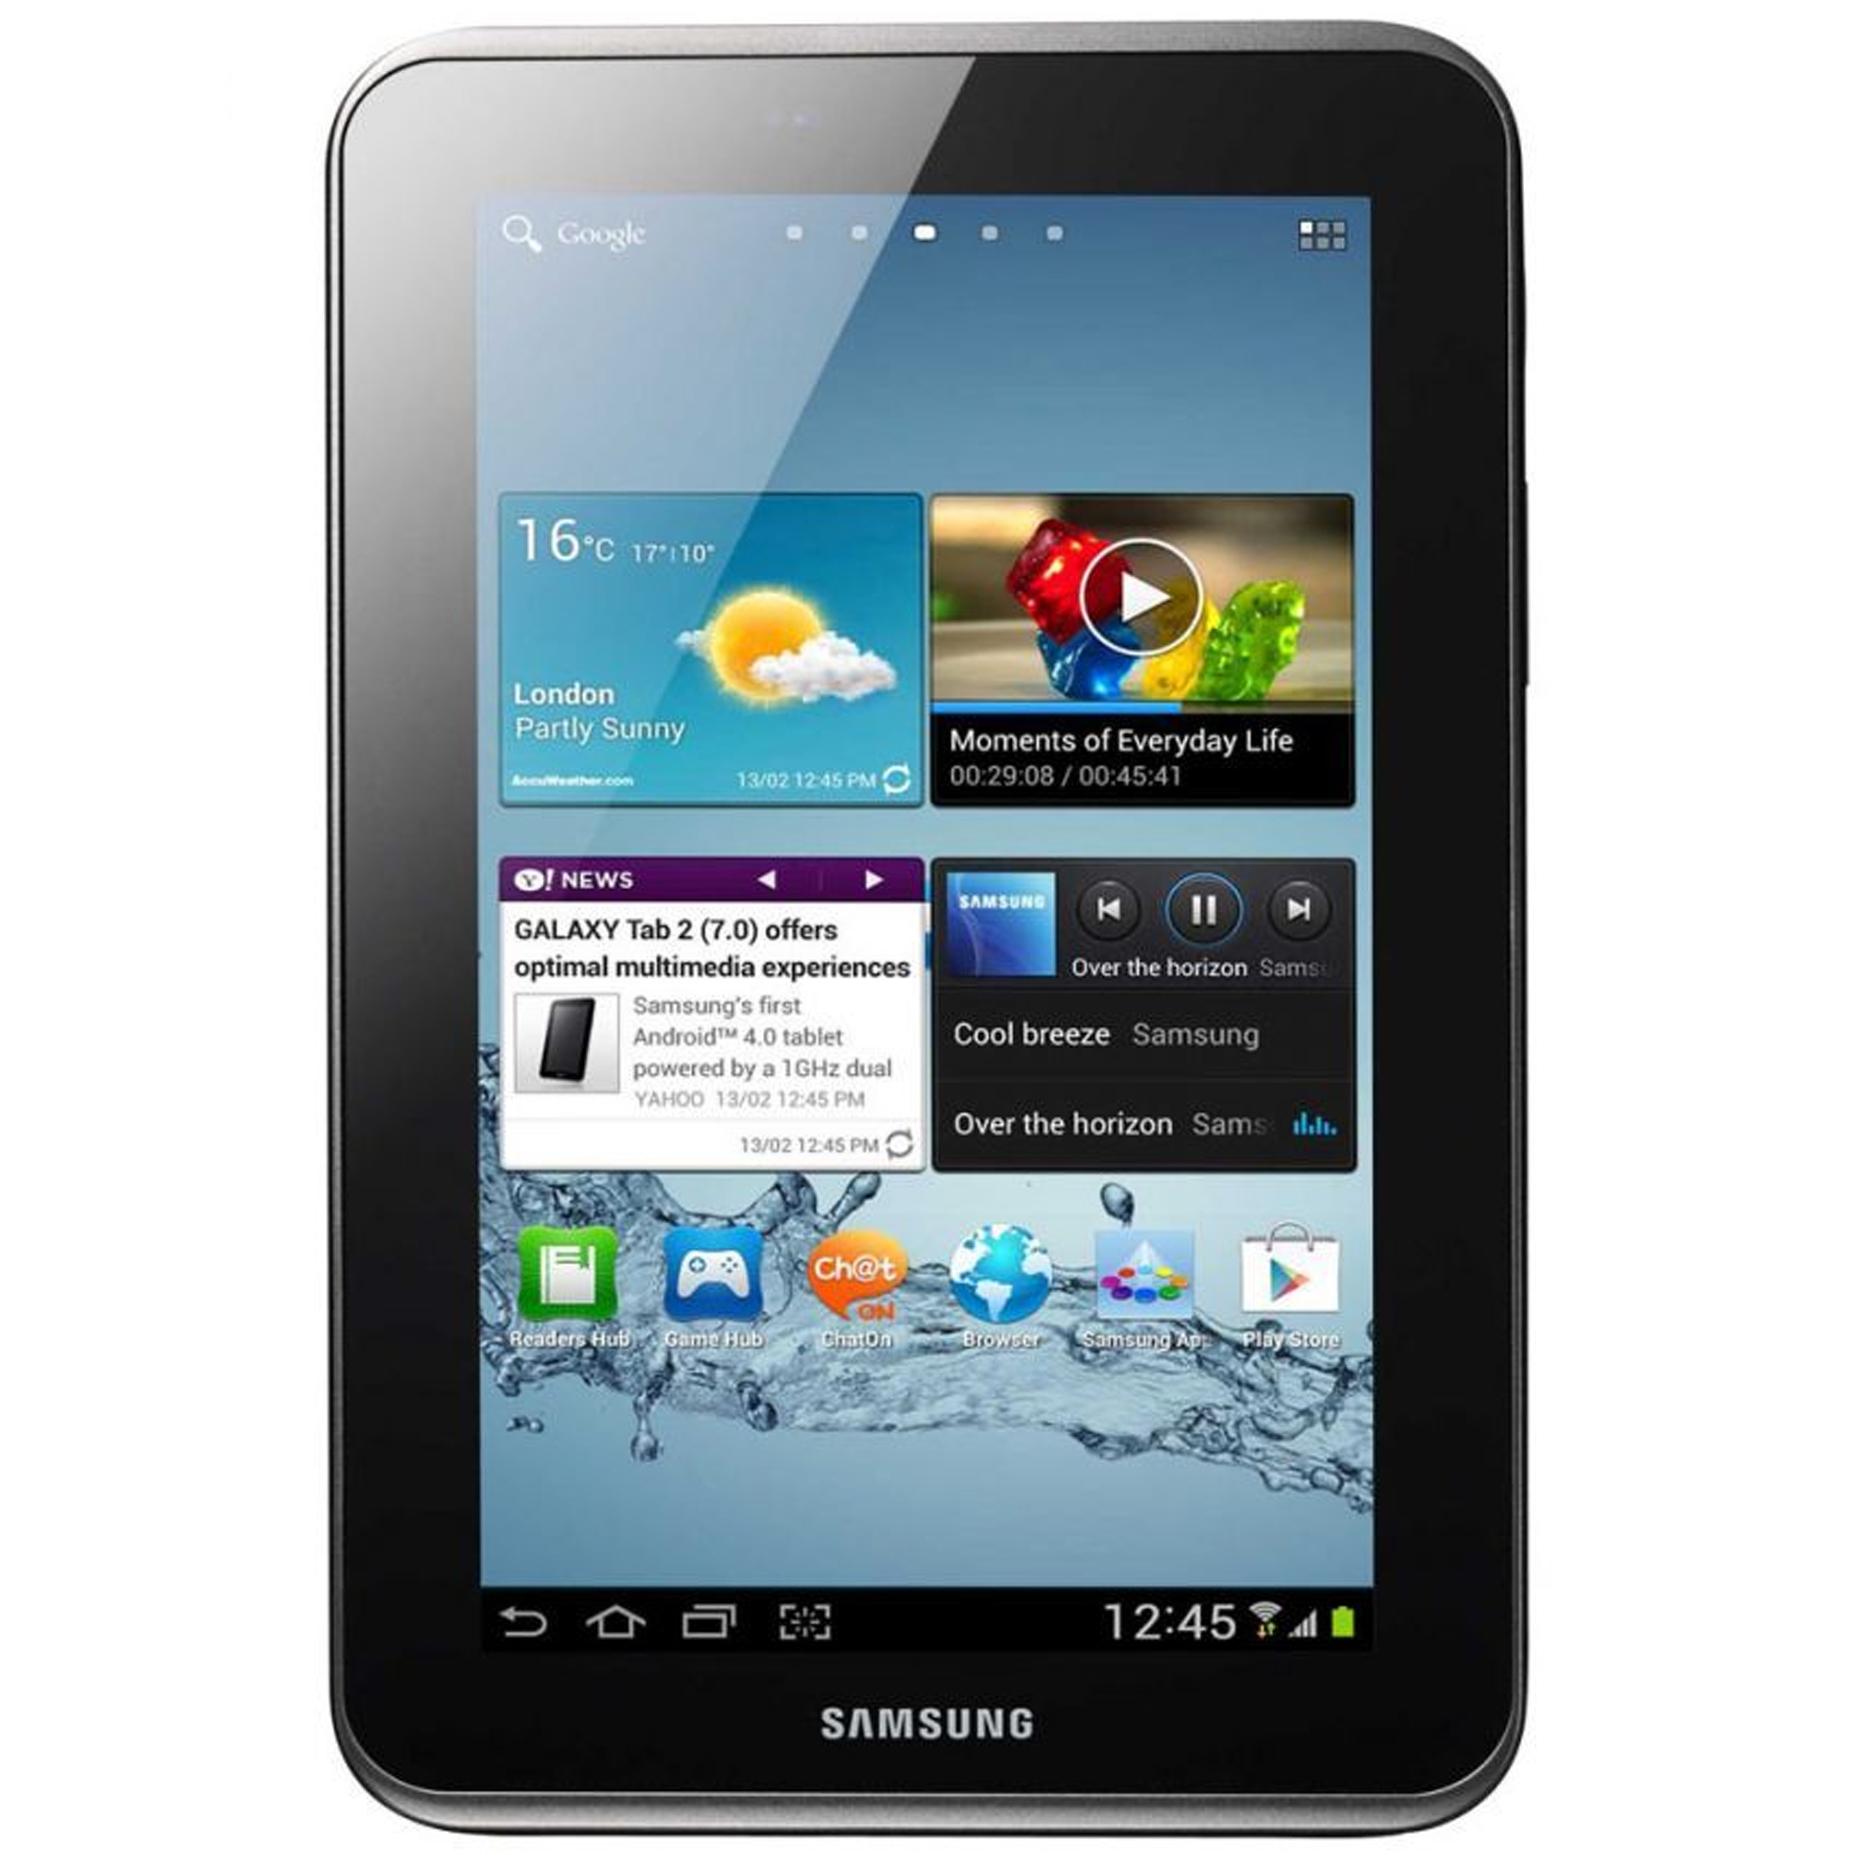 Harga Samsung Galaxy Tab 2 7.0 Espresso 3G Rp. 3.299.000